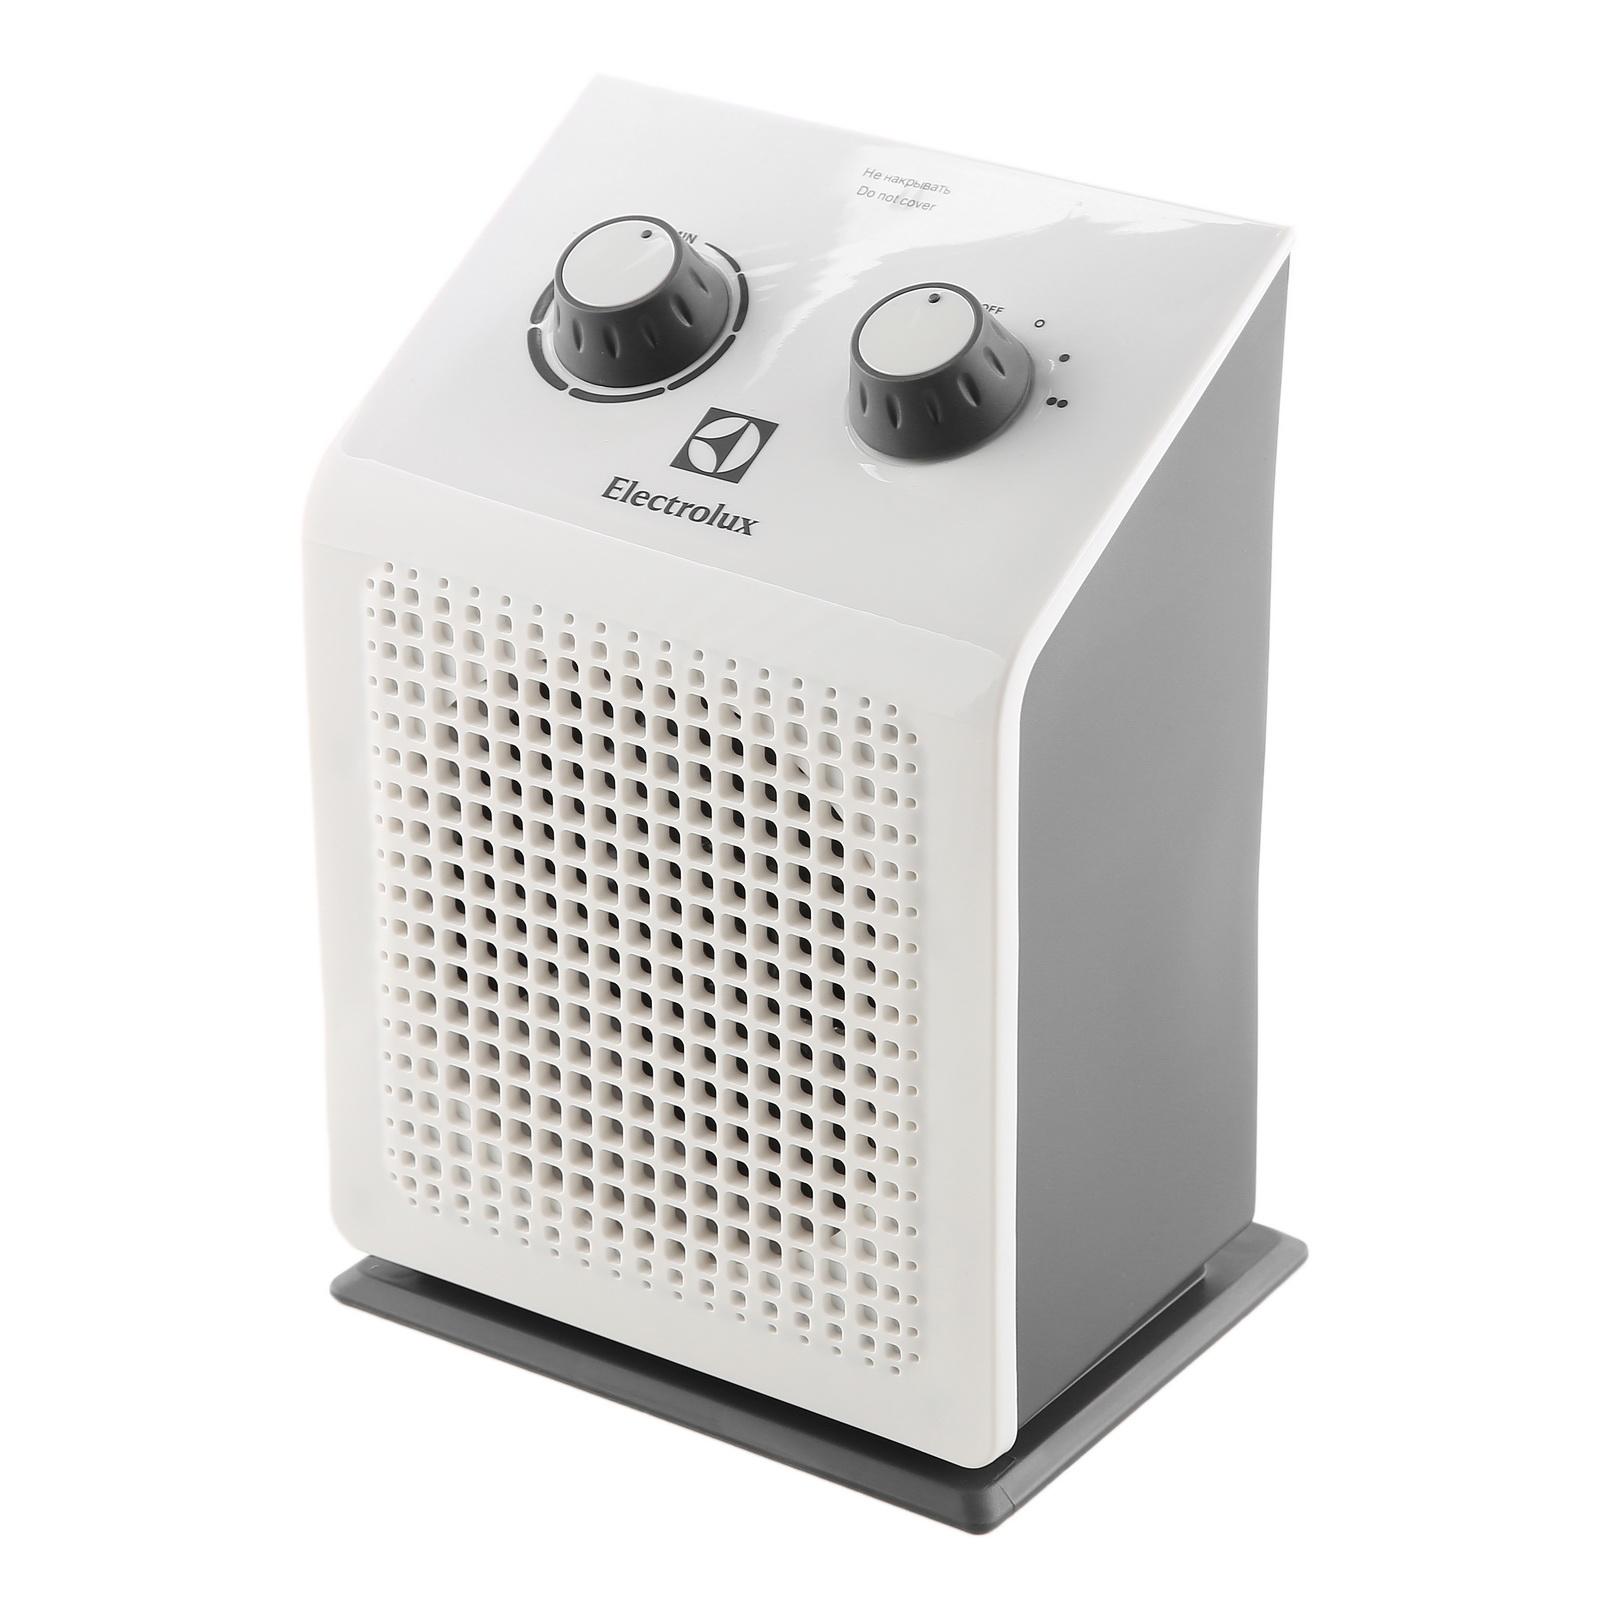 Тепловентилятор напольный электрический Electrolux Efh/s-1115 тепловентилятор electrolux efh s 1120 2000 вт белый